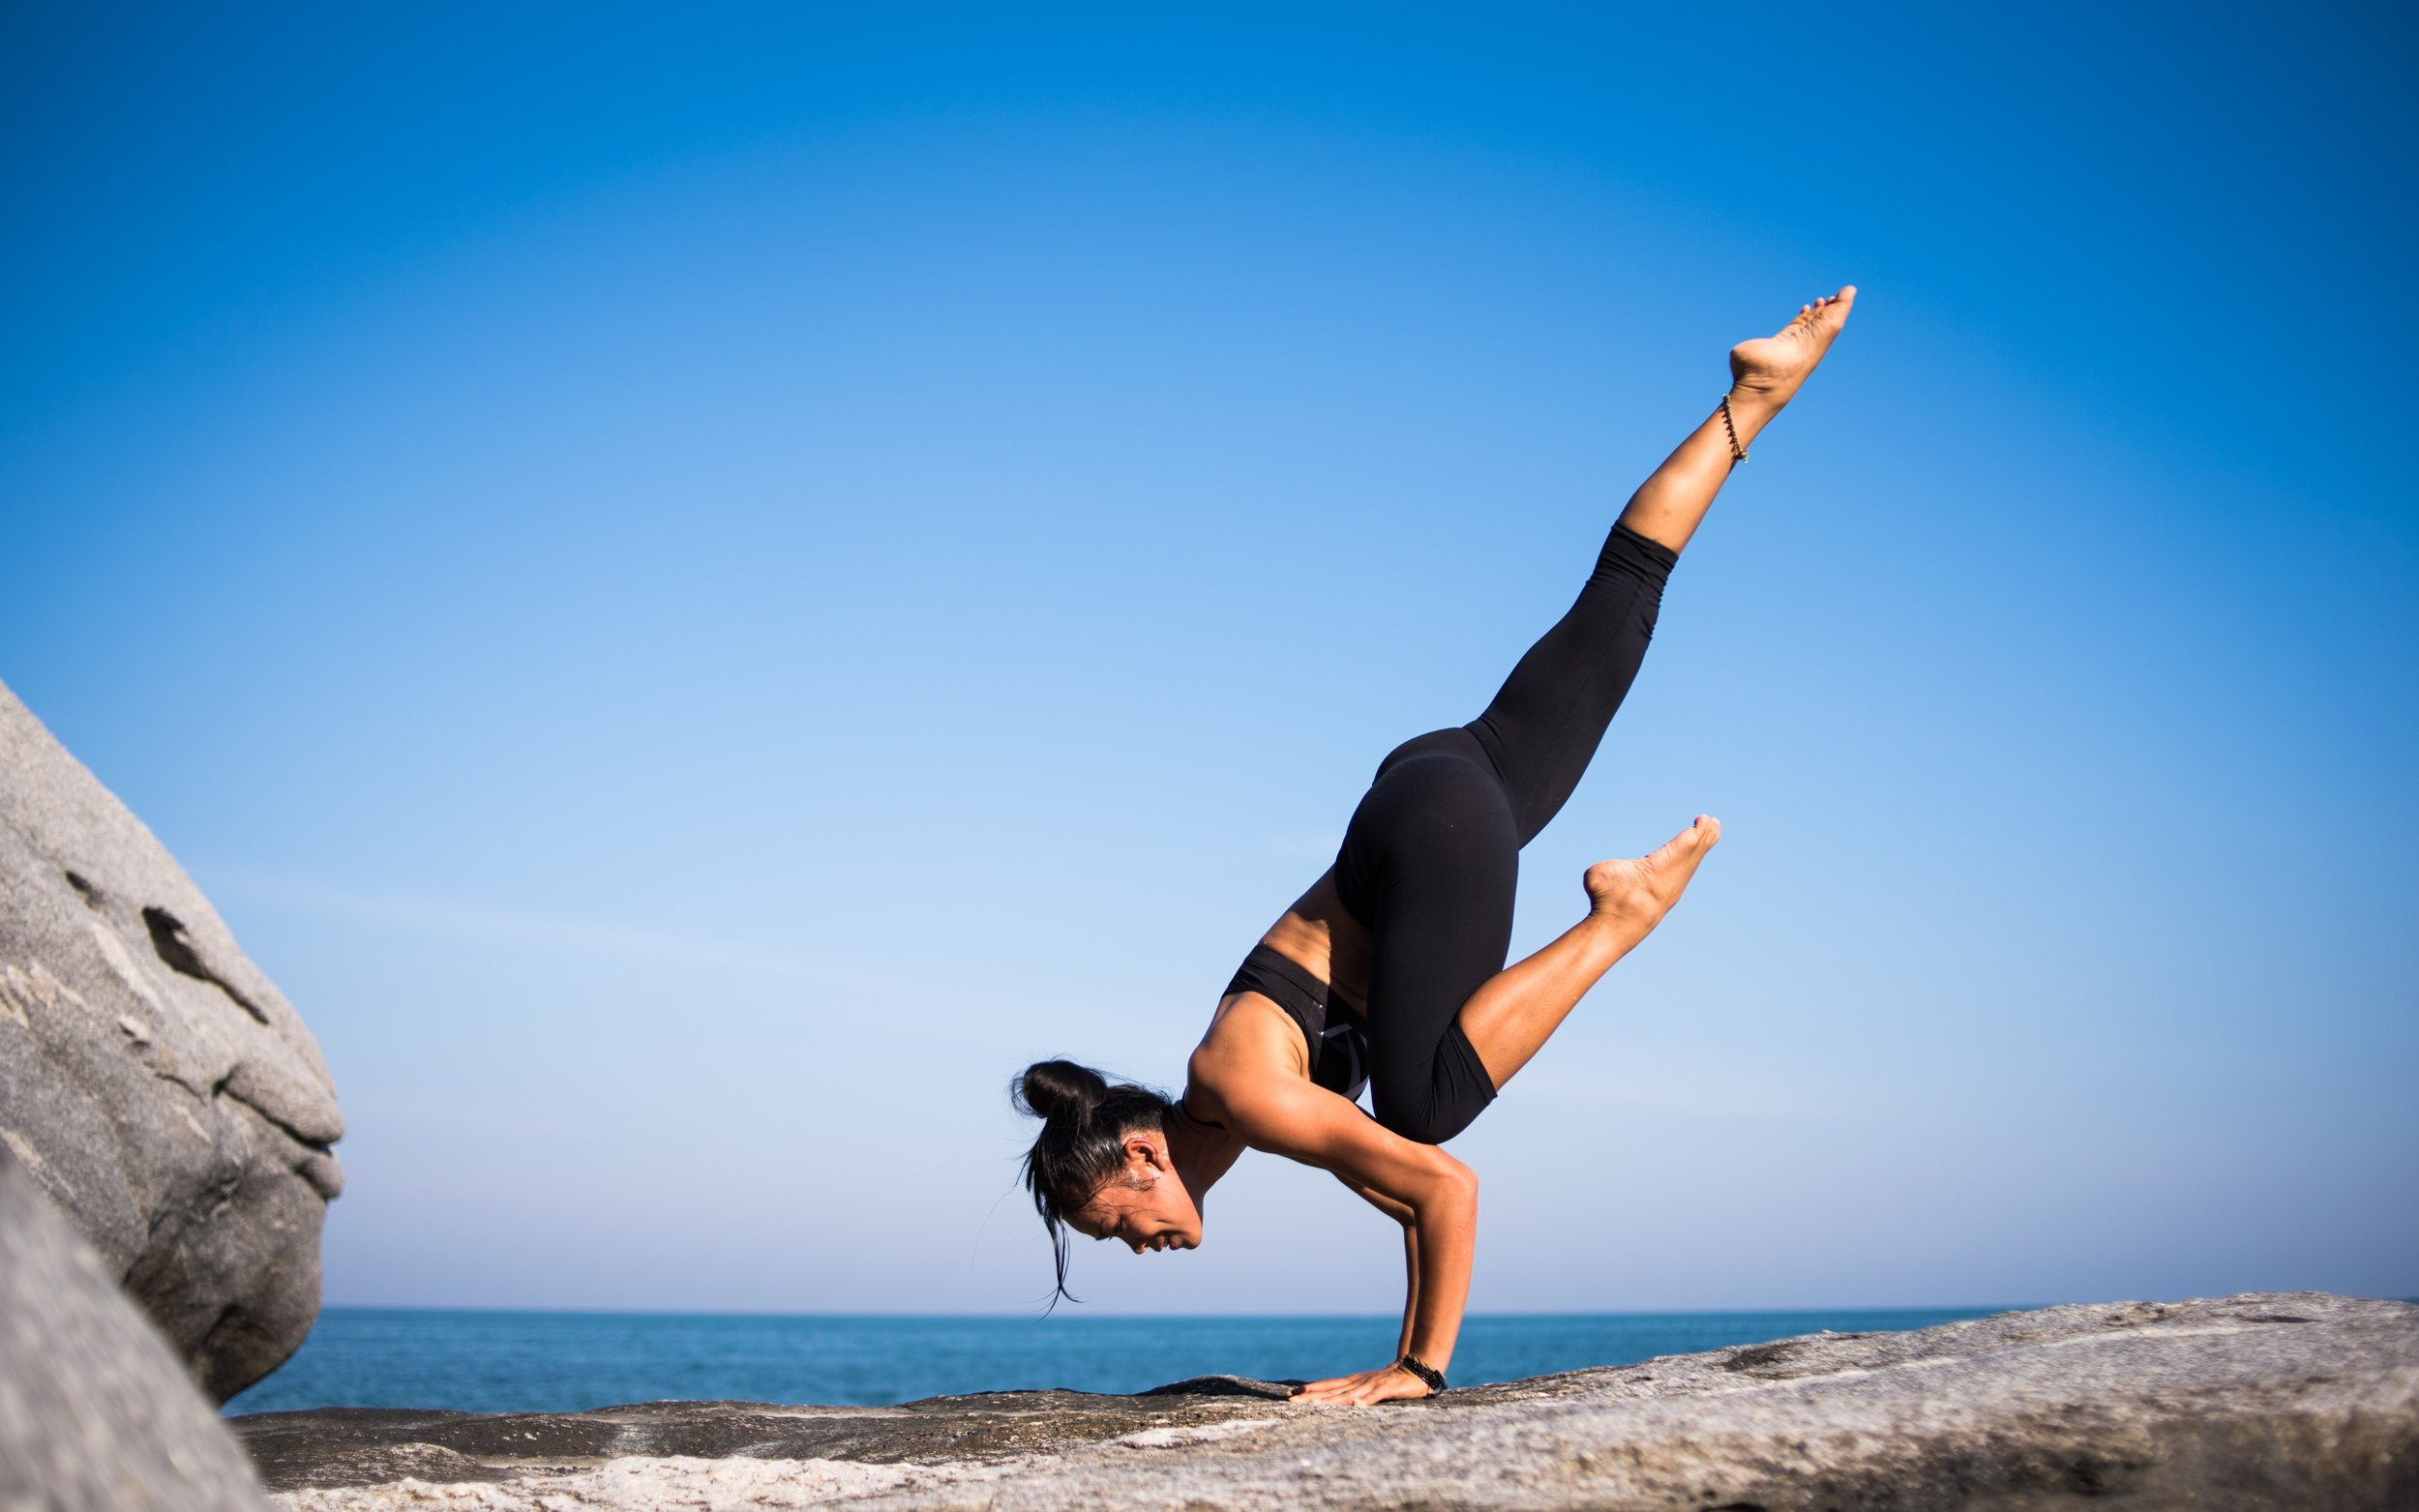 balance-beach-exercise-317157.jpg